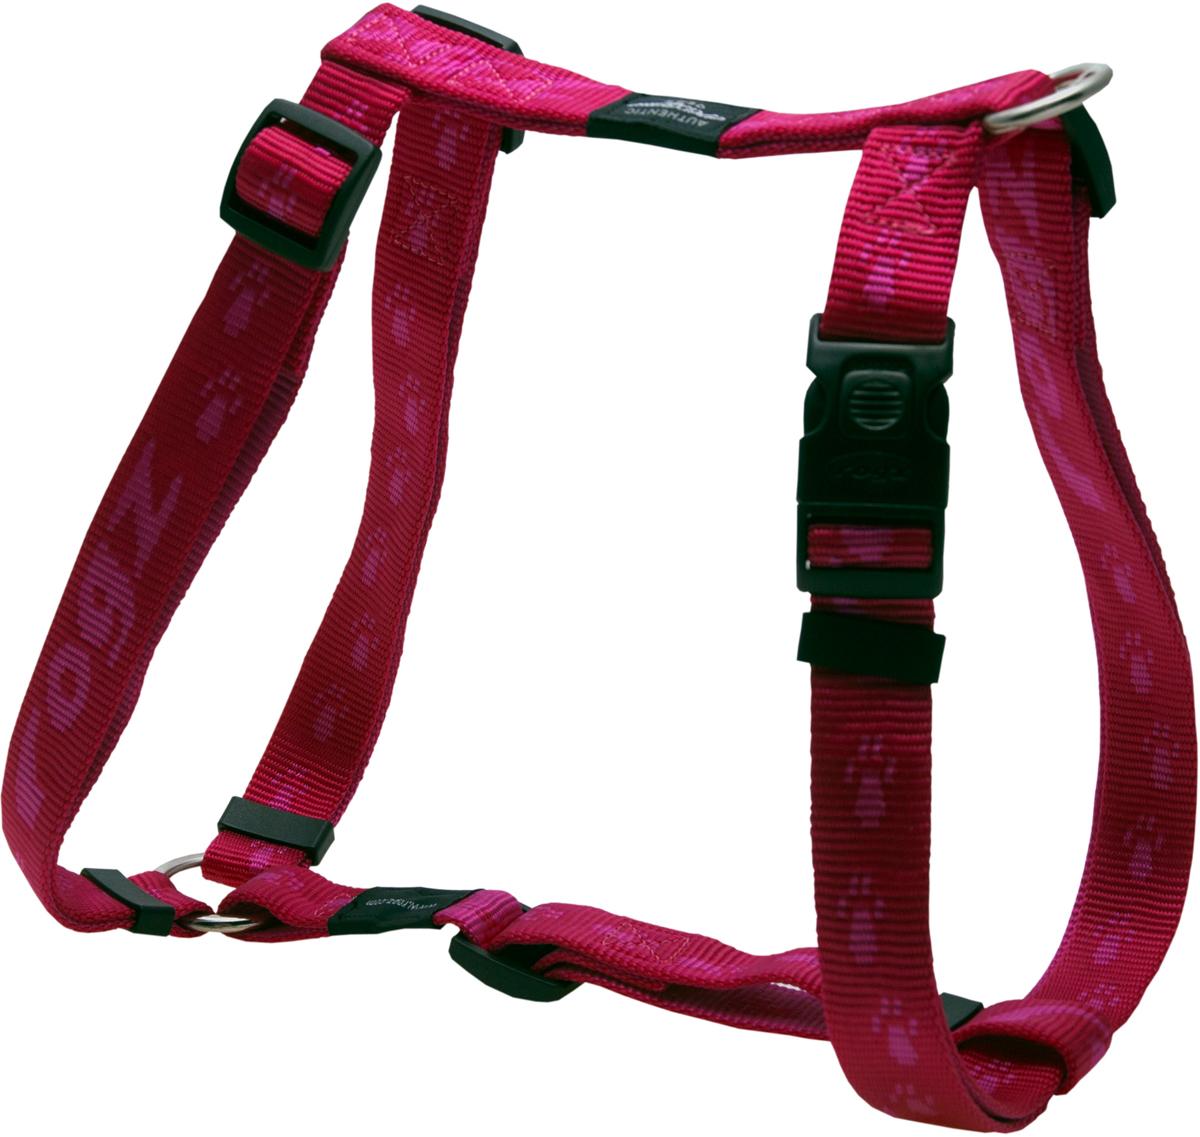 Шлейка для собак Rogz Alpinist, цвет: розовый, ширина 2,5 см. Размер XLSJ27KОсобо мягкая, но очень прочная шлейка для собак Rogz Alpinist обеспечит безопасность на прогулке даже самым активным собакам.Все соединения деталей имеют специальную дополнительную строчку для большей прочности.Специальная конструкция пряжки Rog Loc - очень крепкая (система Fort Knox). Замок может быть расстегнут только рукой человека. Технология распределения нагрузки позволяет снизить нагрузку на пряжки, изготовленные из титанового пластика, с помощью правильного и разумного расположения грузовых колец, благодаря чему, даже при самых сильных рывках, изделие не рвется и не деформируется.Выполненные специально по заказу Rogz литые кольца гальванически хромированы, что позволяет избежать коррозии и потускнения изделия.